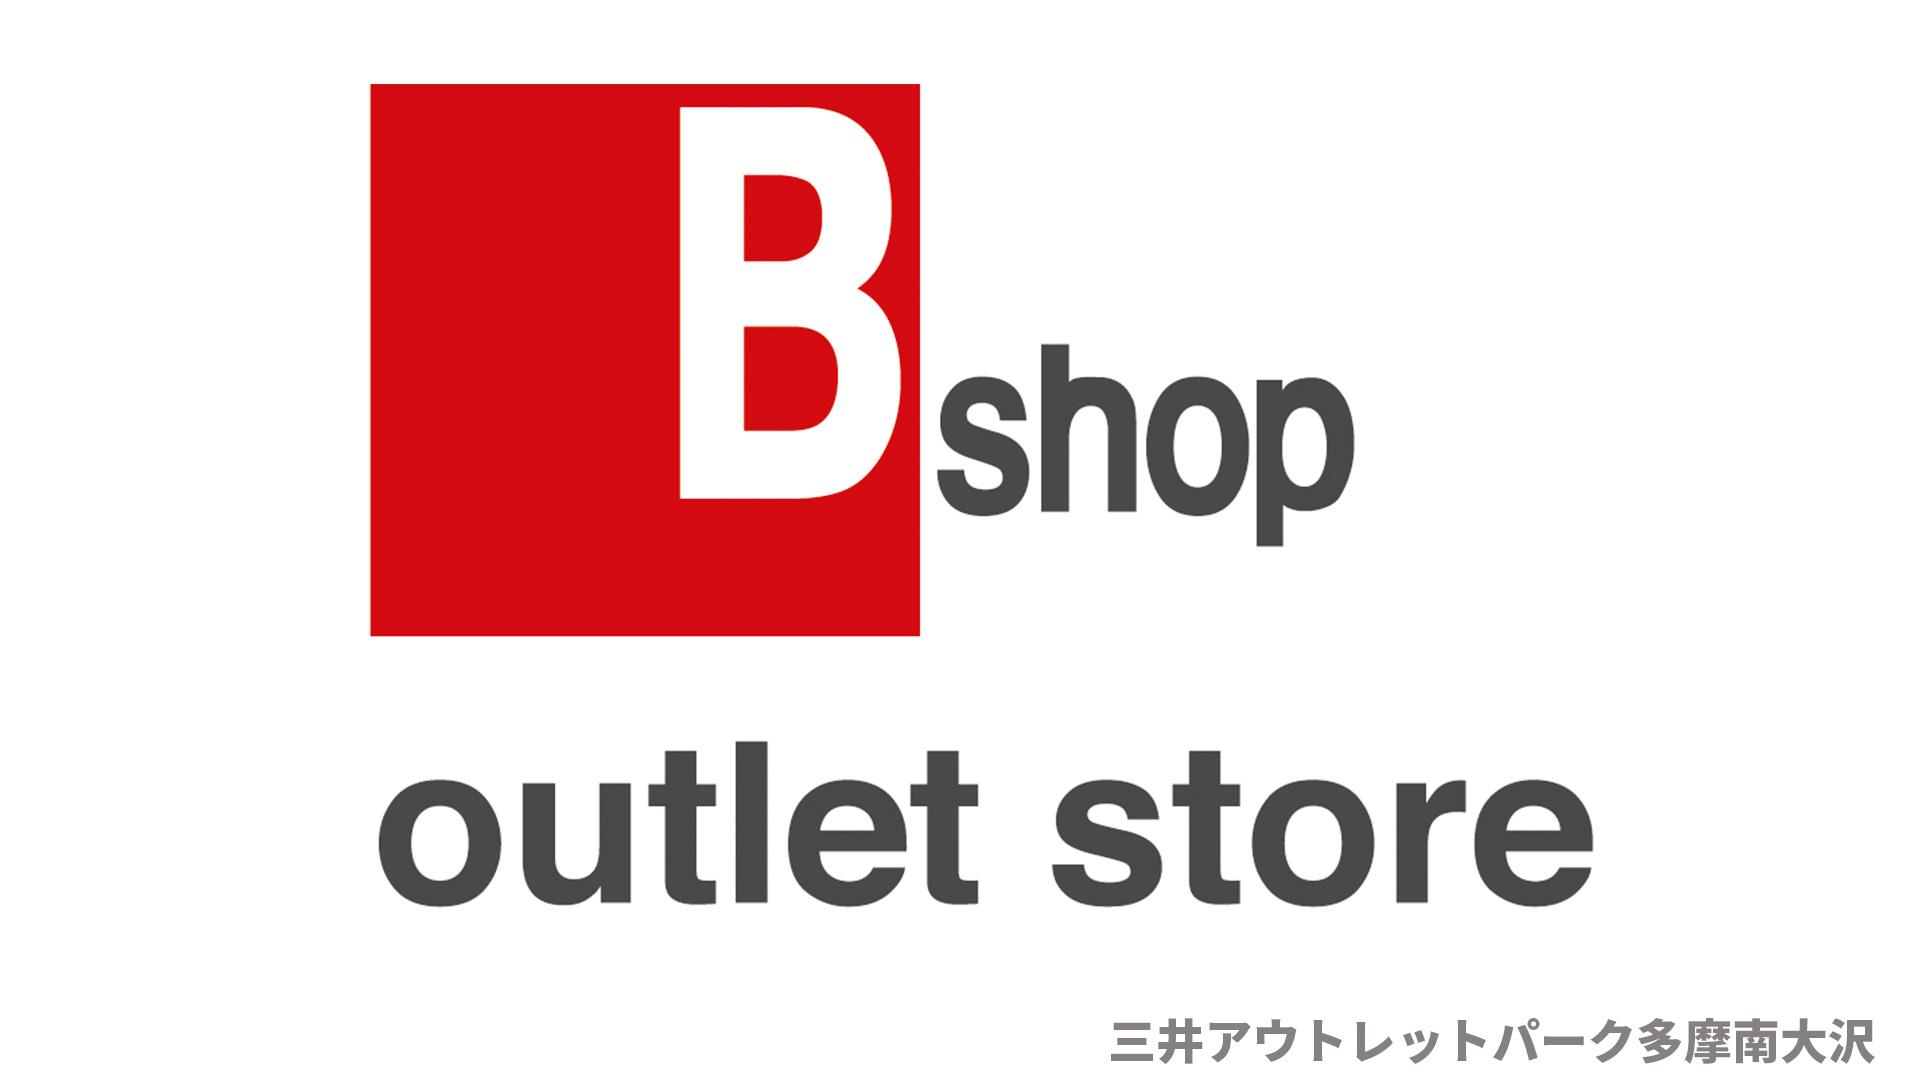 【新店】 三井アウトレットパーク多摩南大沢にBshop OUTLETオープン